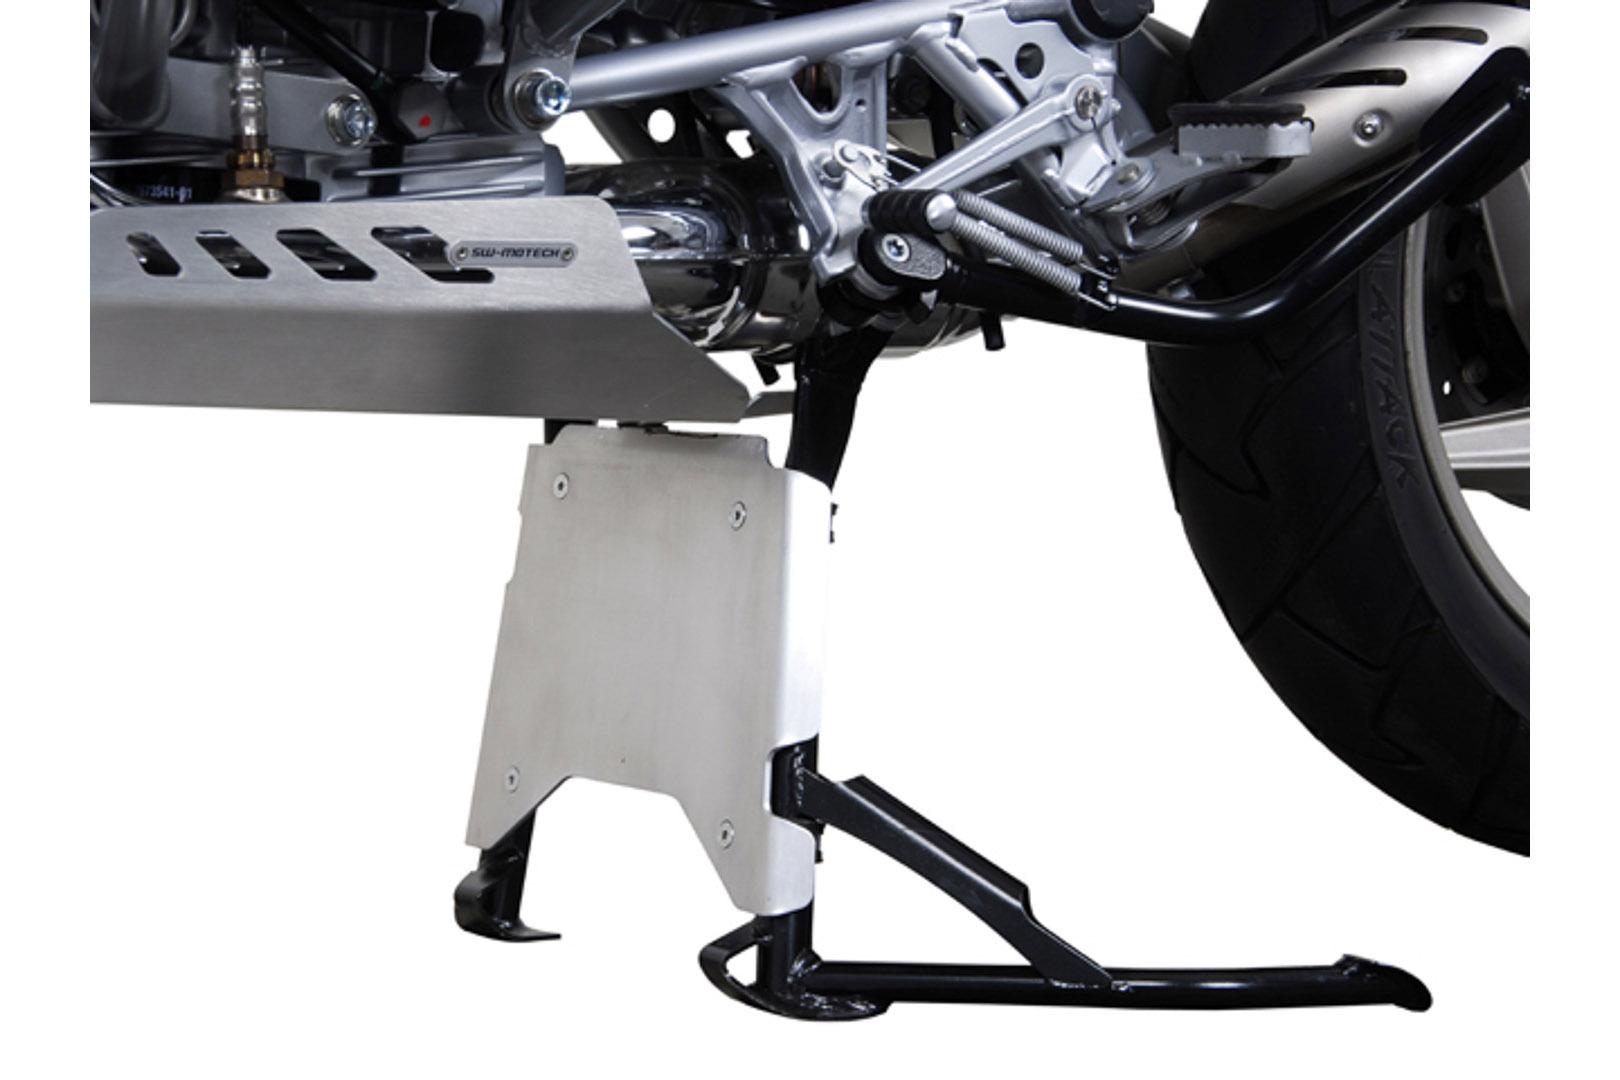 SW-Motech Pohjapanssarin jatke BMW R1200GS 08-